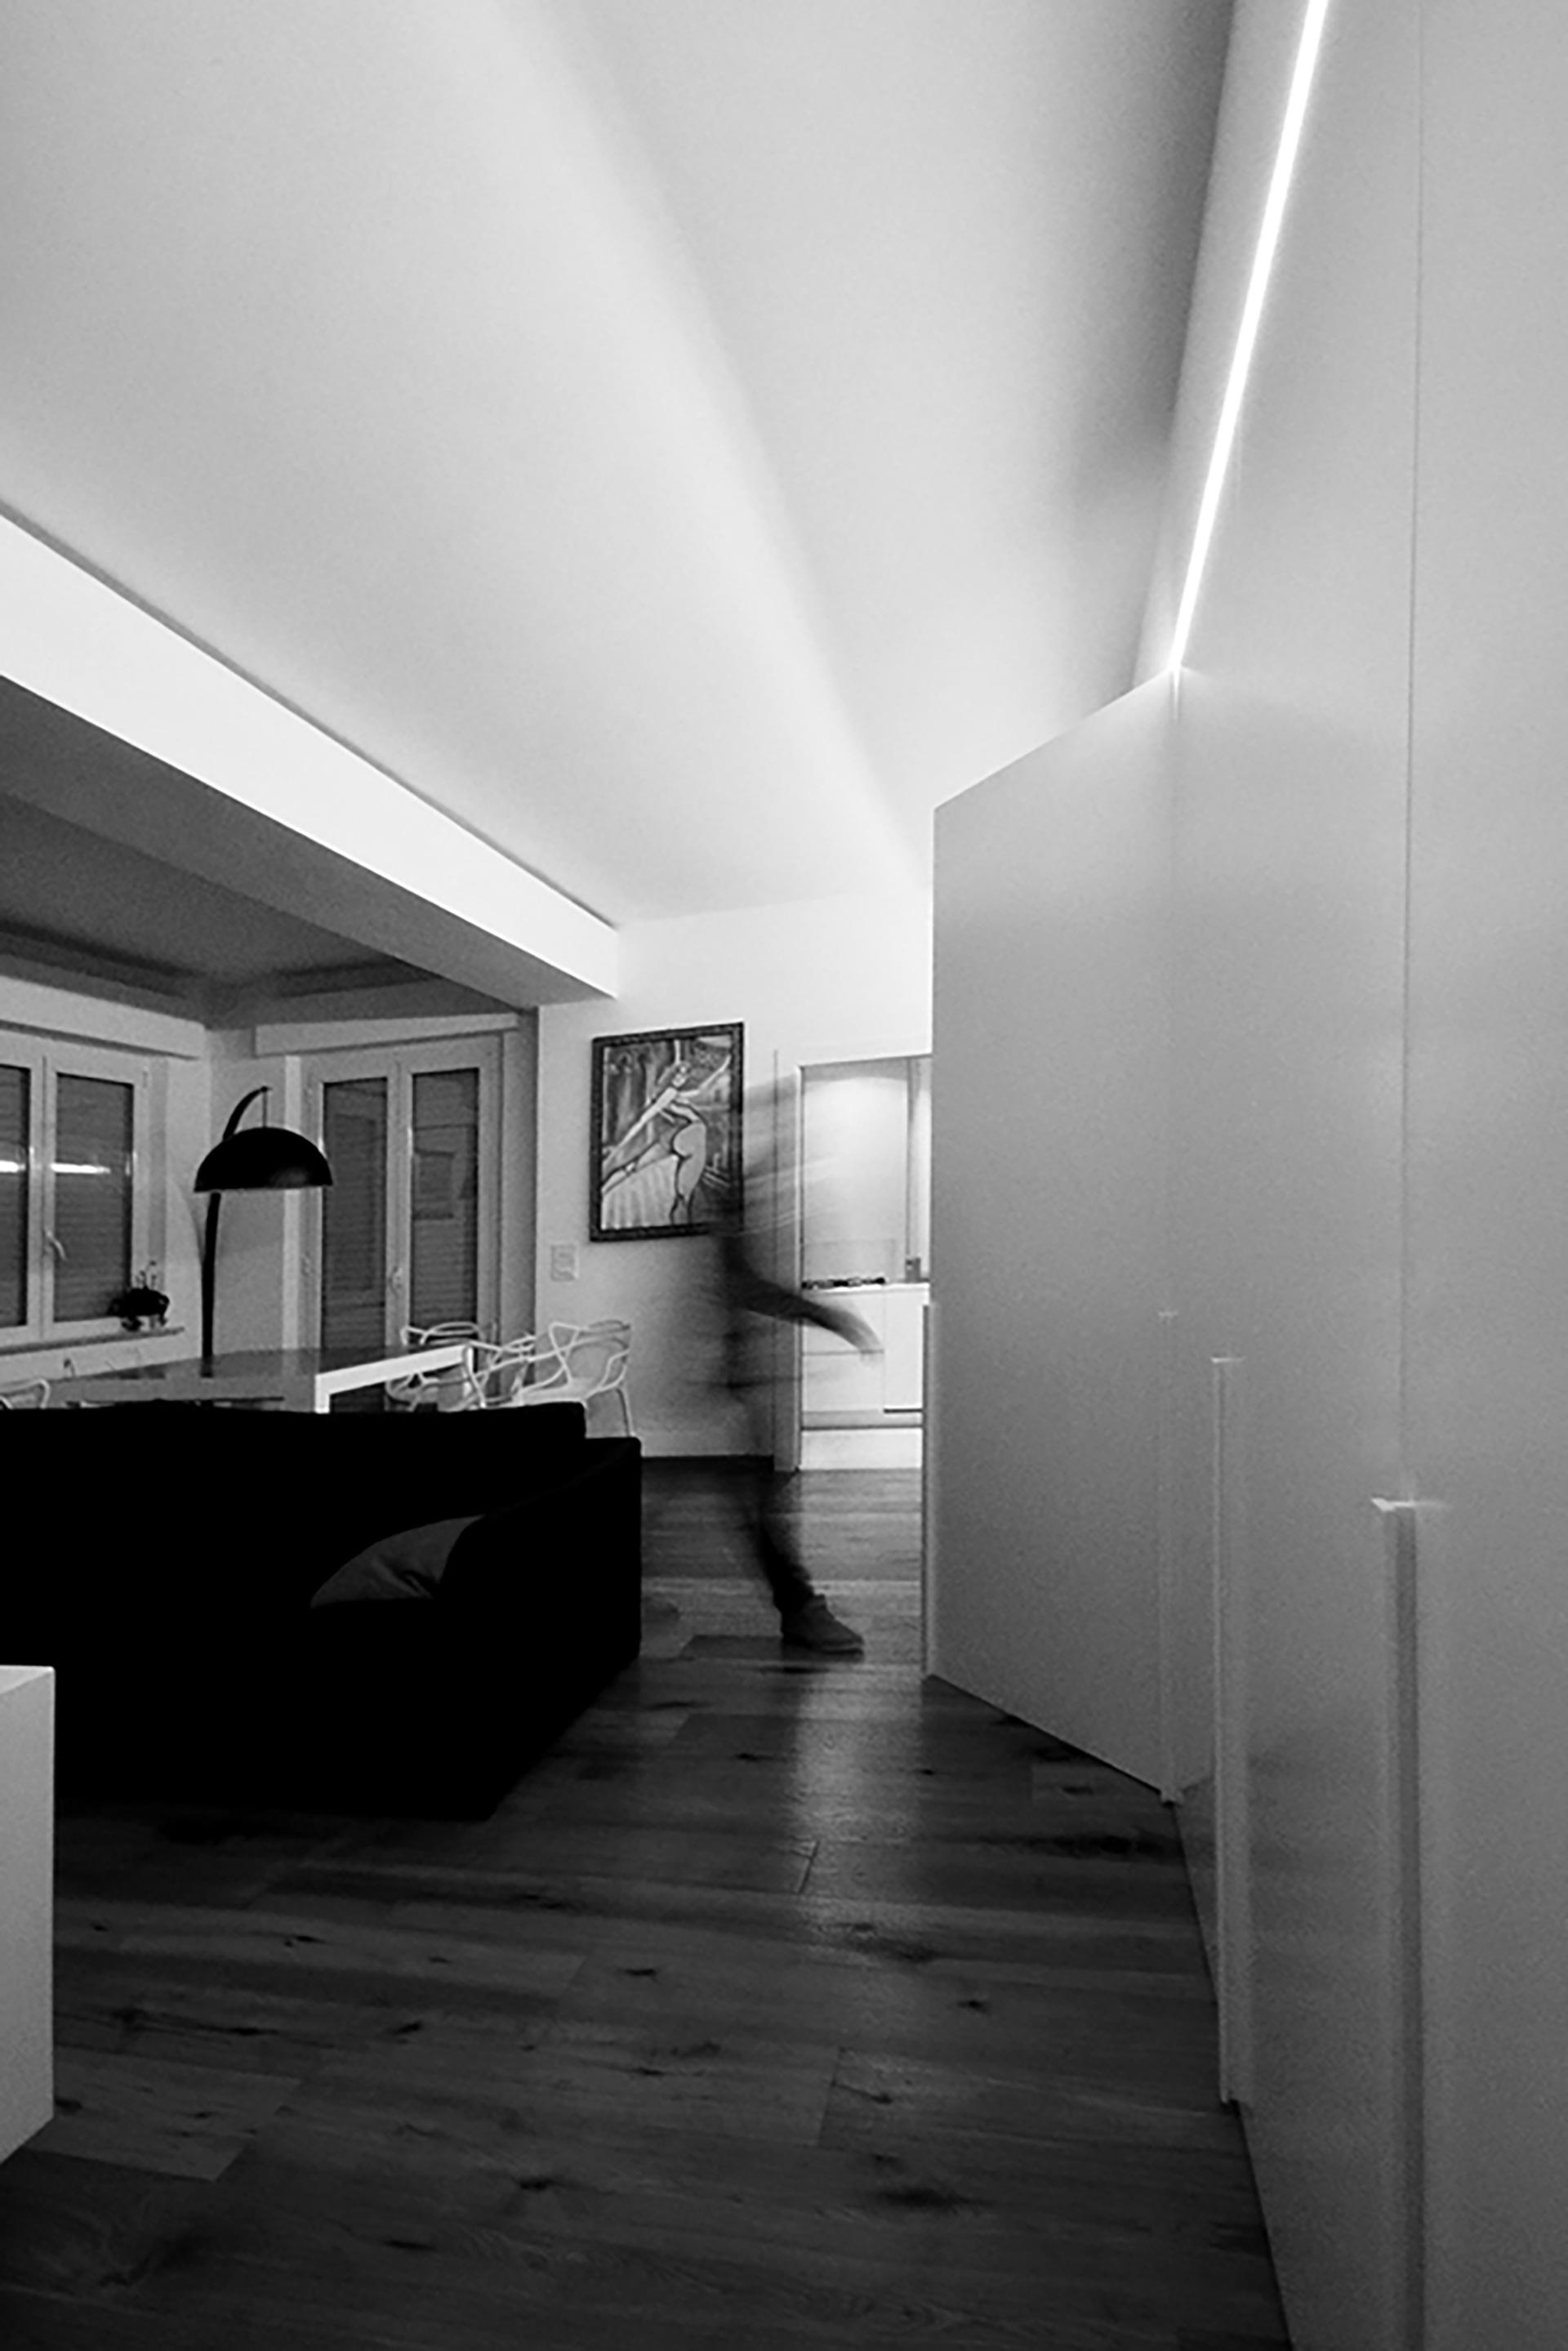 casa LT EDC. la presenza di un'armadiatura che riveste tutta la parete che percorre la zona giorno, divenendo mobile contenitivo, libreria e accesso al disimpegno della zona notte.